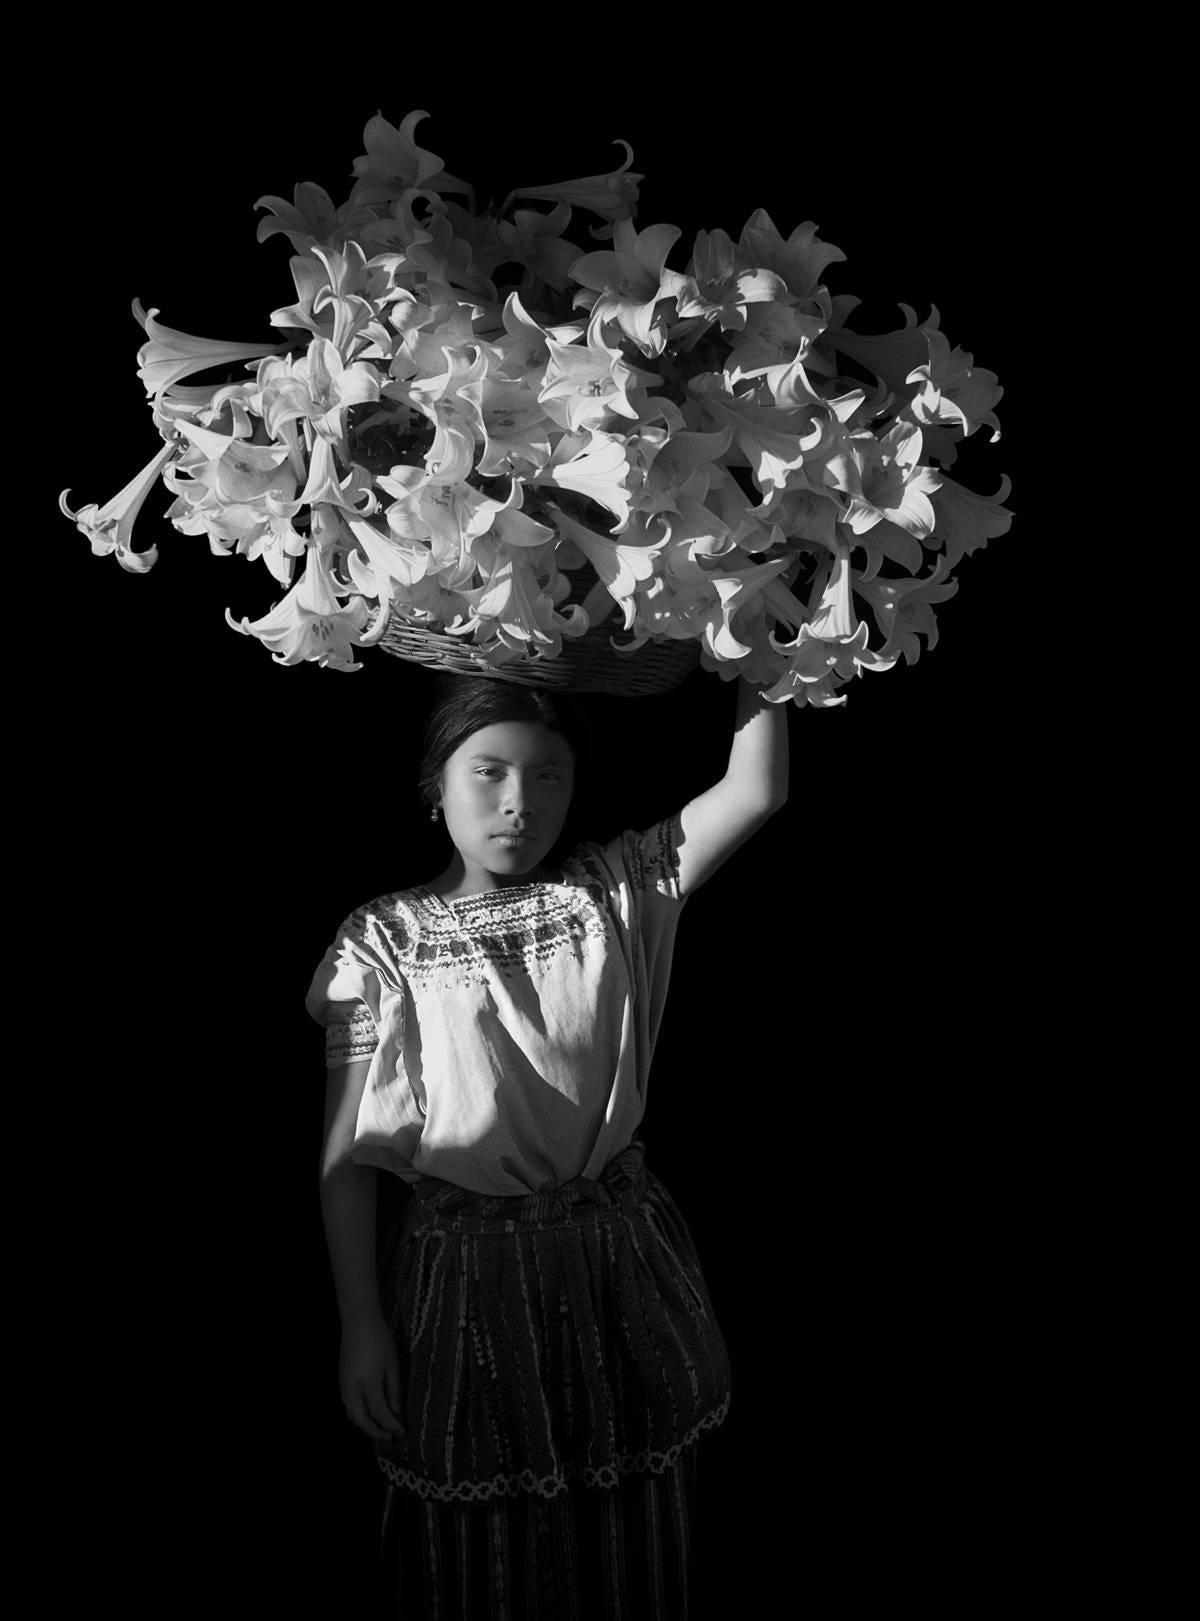 Canasta de Luz, Guatemala - Flor Garduño (Black and White Photography)